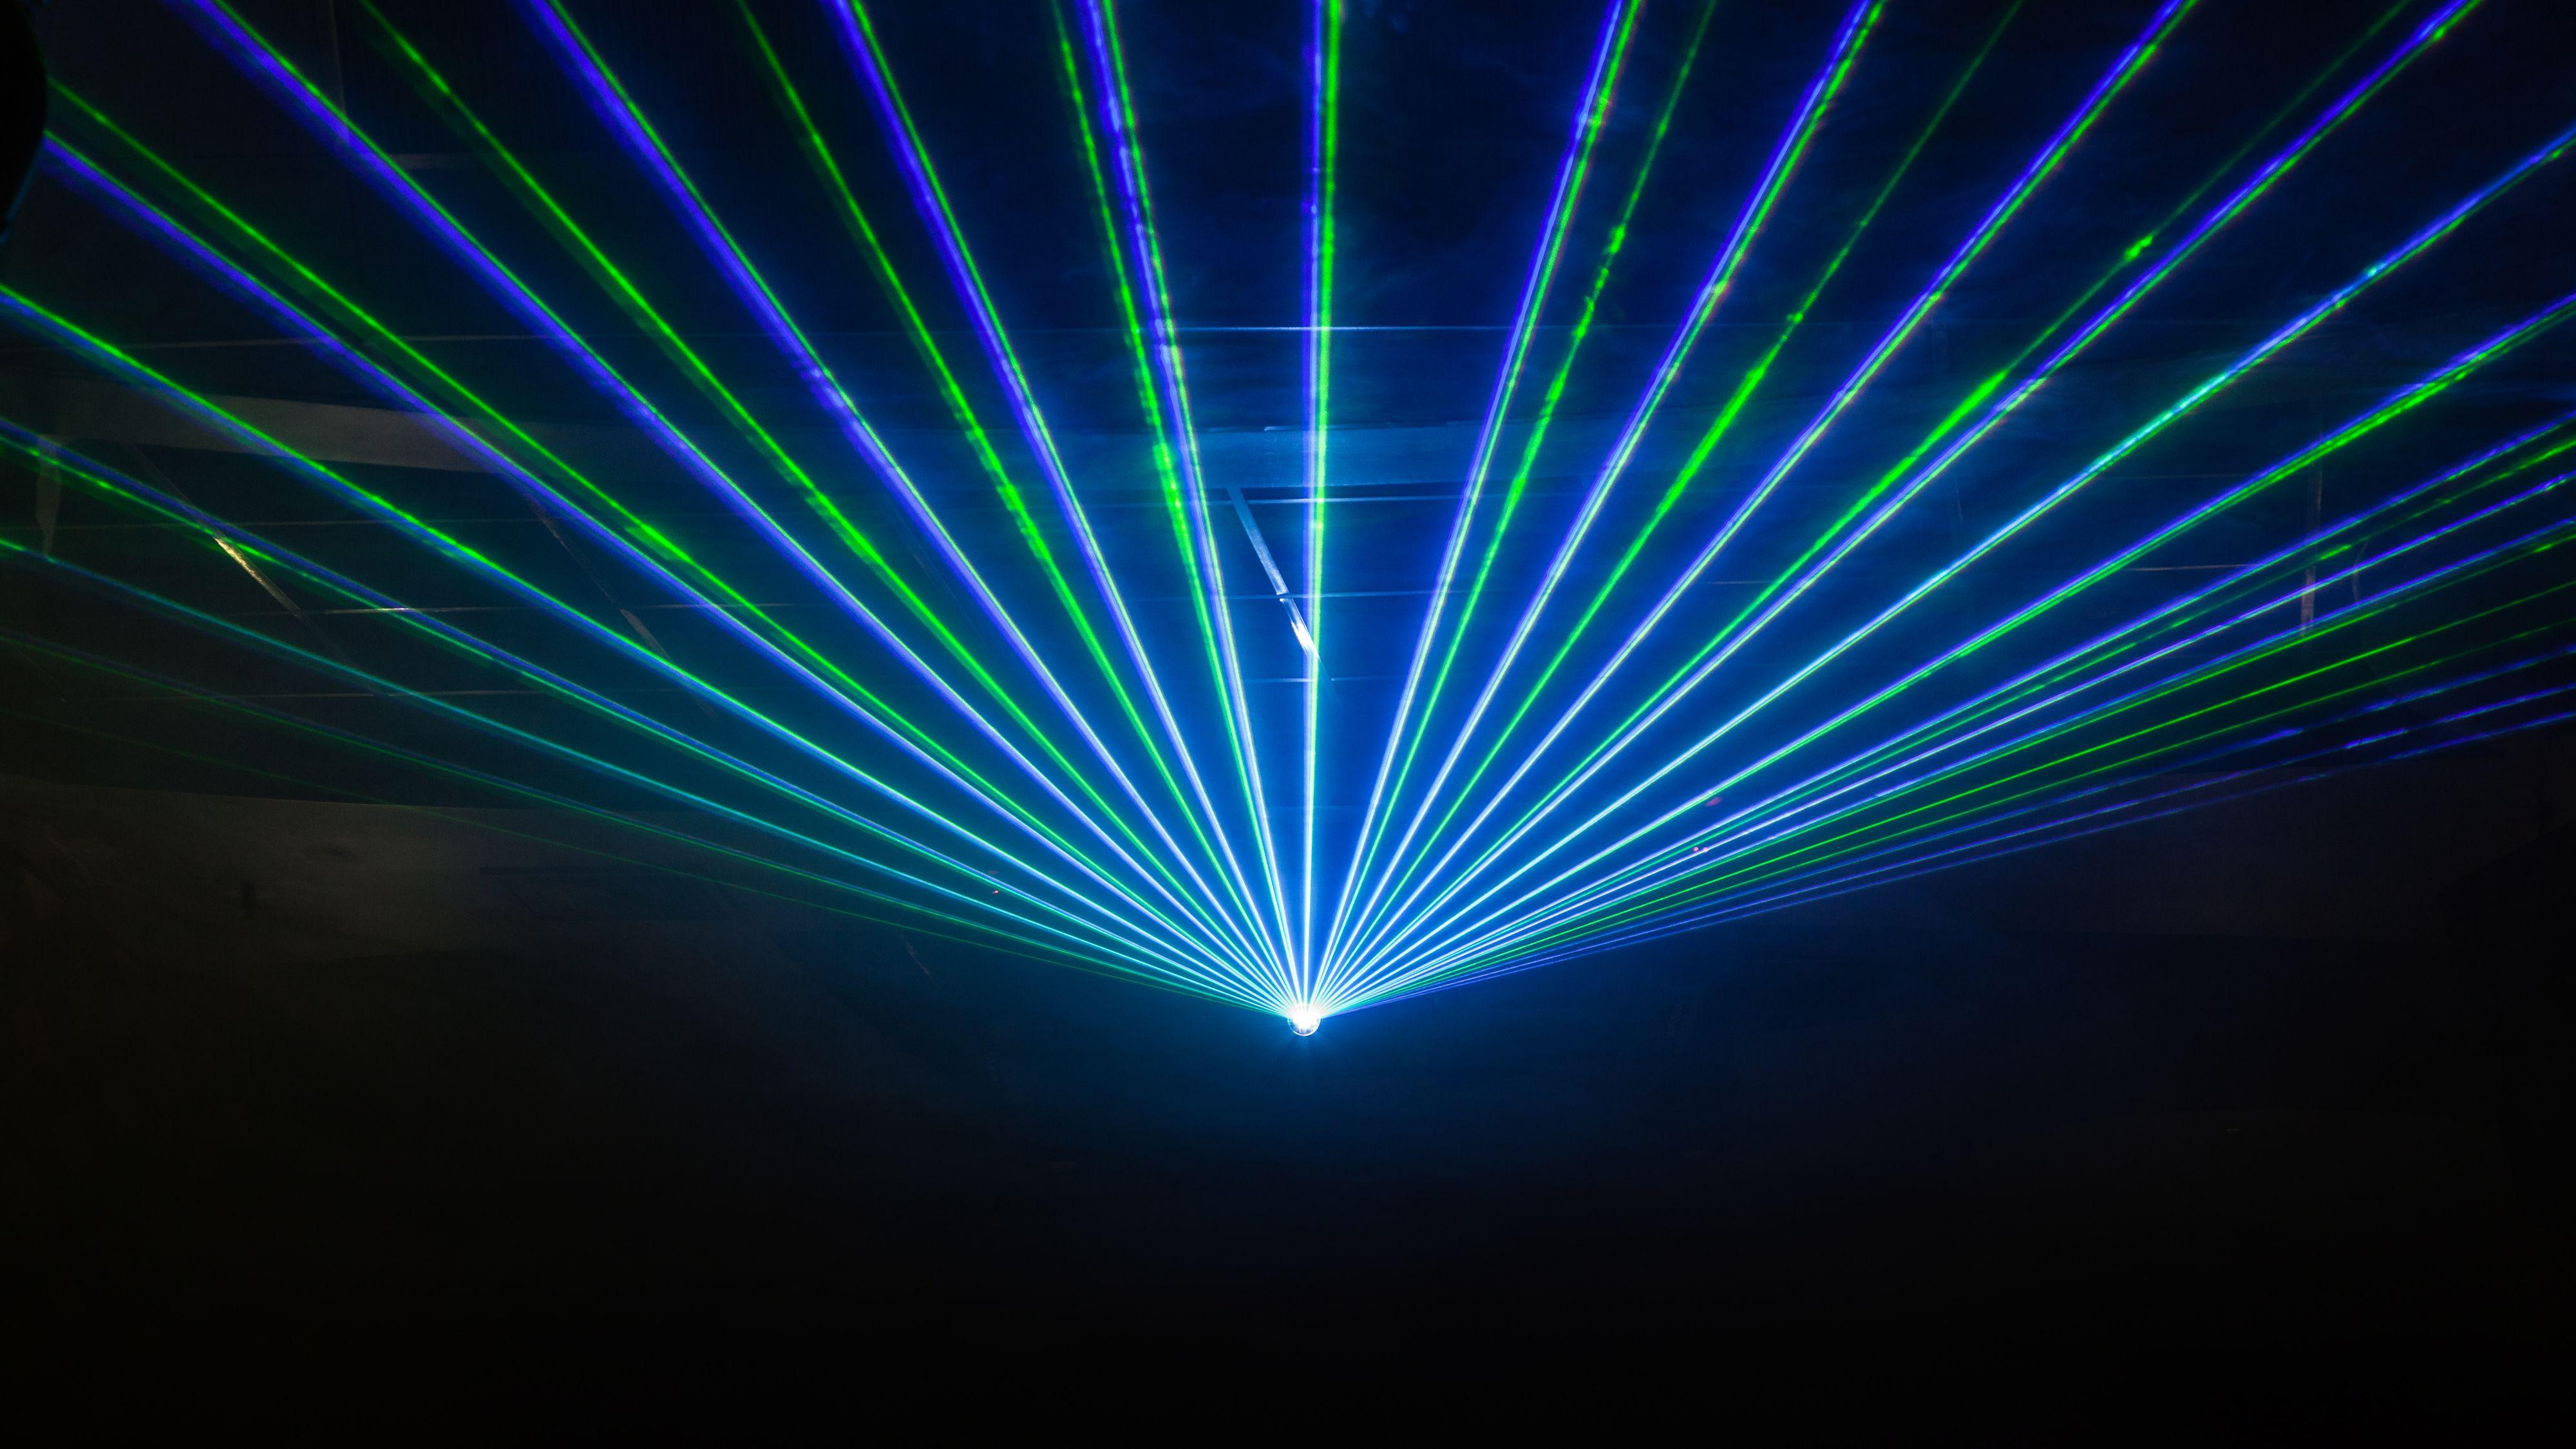 Nå skal kinoene begynne å vise filmer med laser